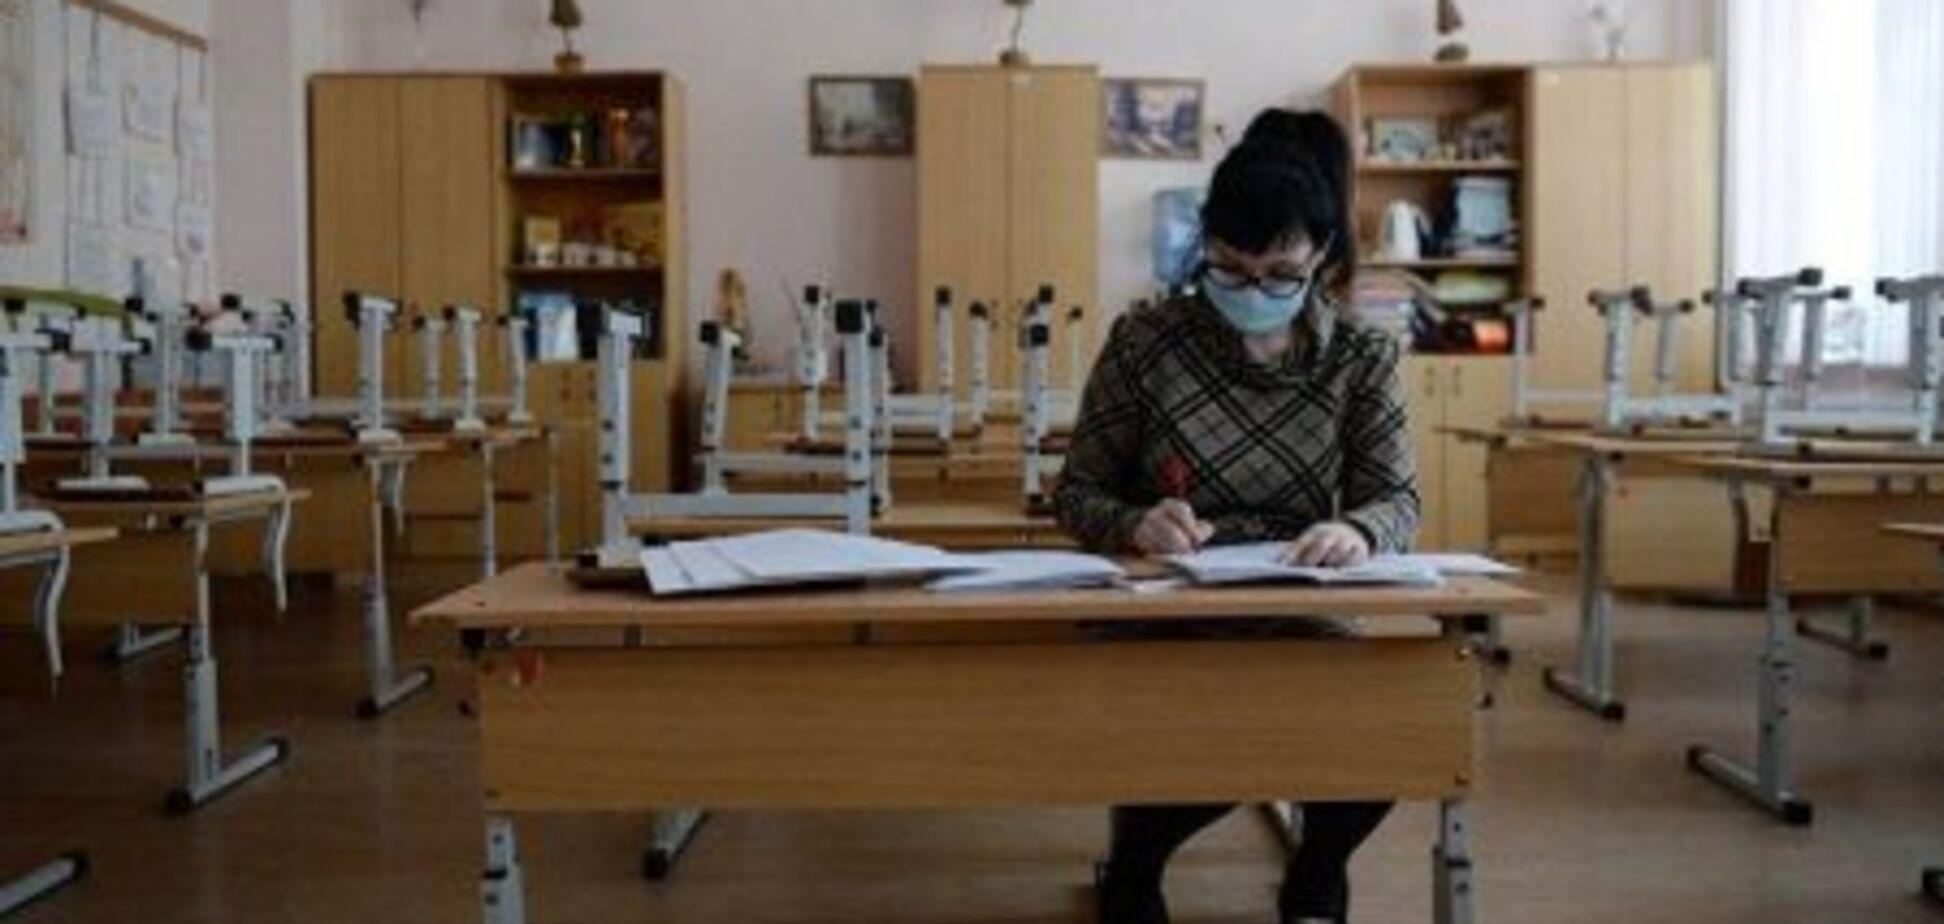 Пандемія коронавірусу: міжнародні організації видали посібник щодо захисту школярів